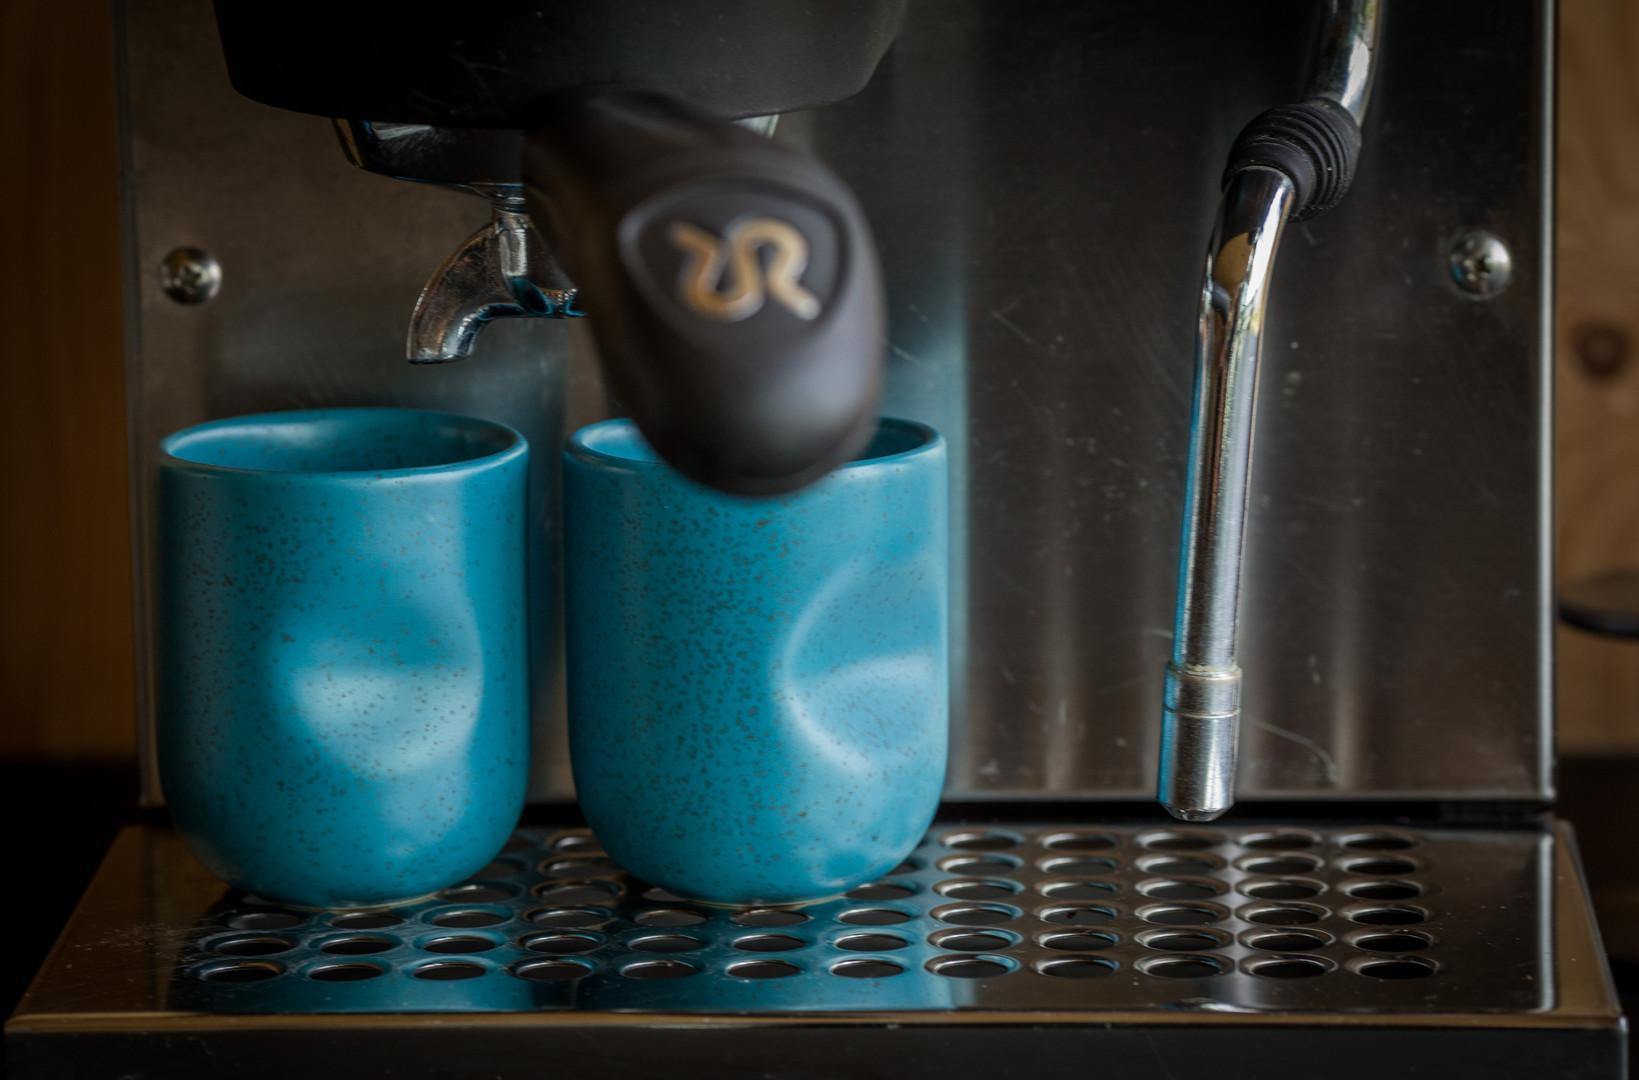 amsterdam espresso